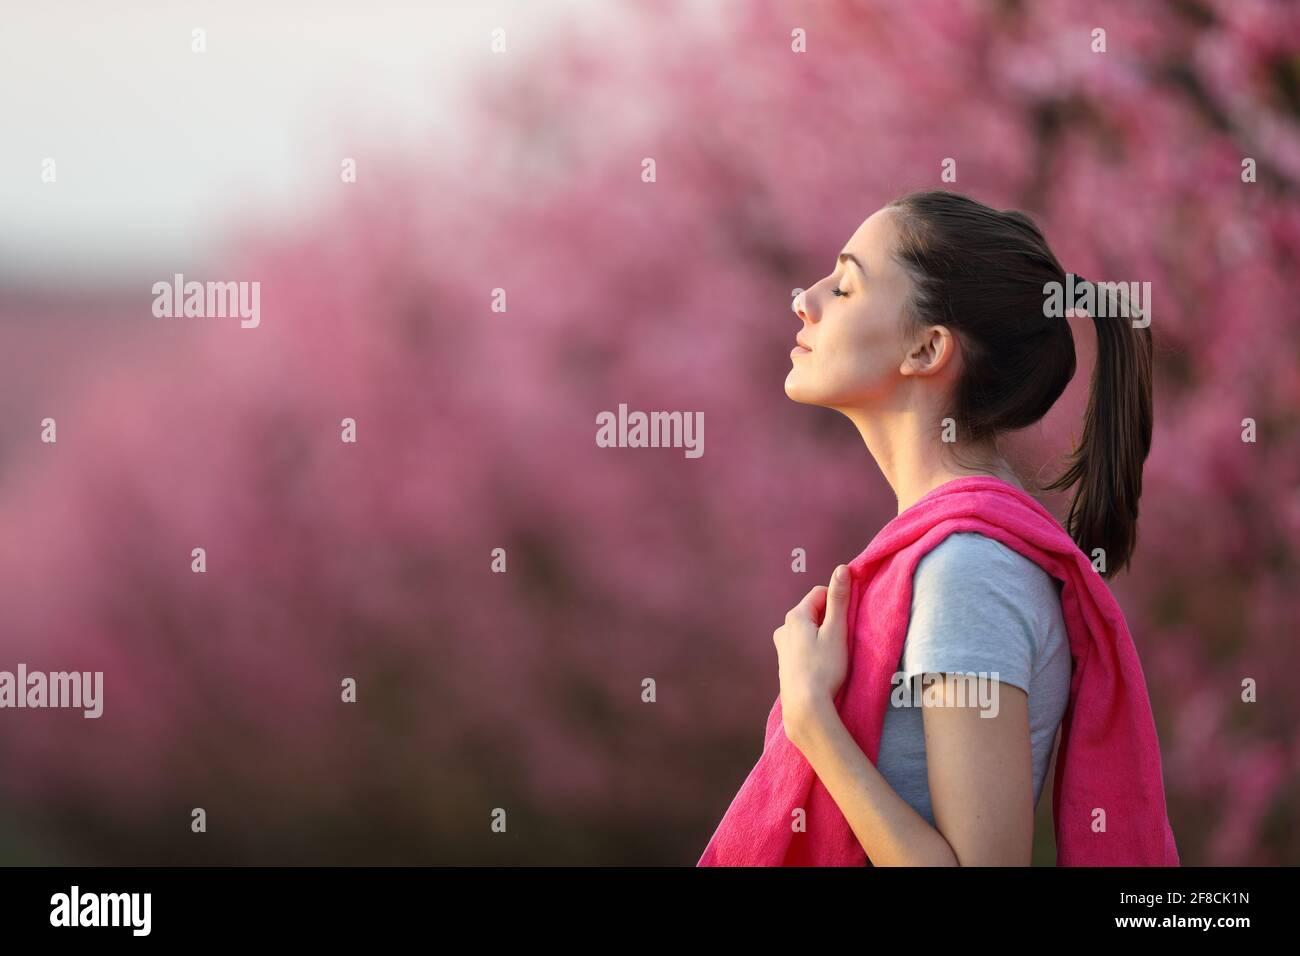 Profil d'une sportswoman respirant de l'air frais après le sport un champ à fleurs roses Banque D'Images